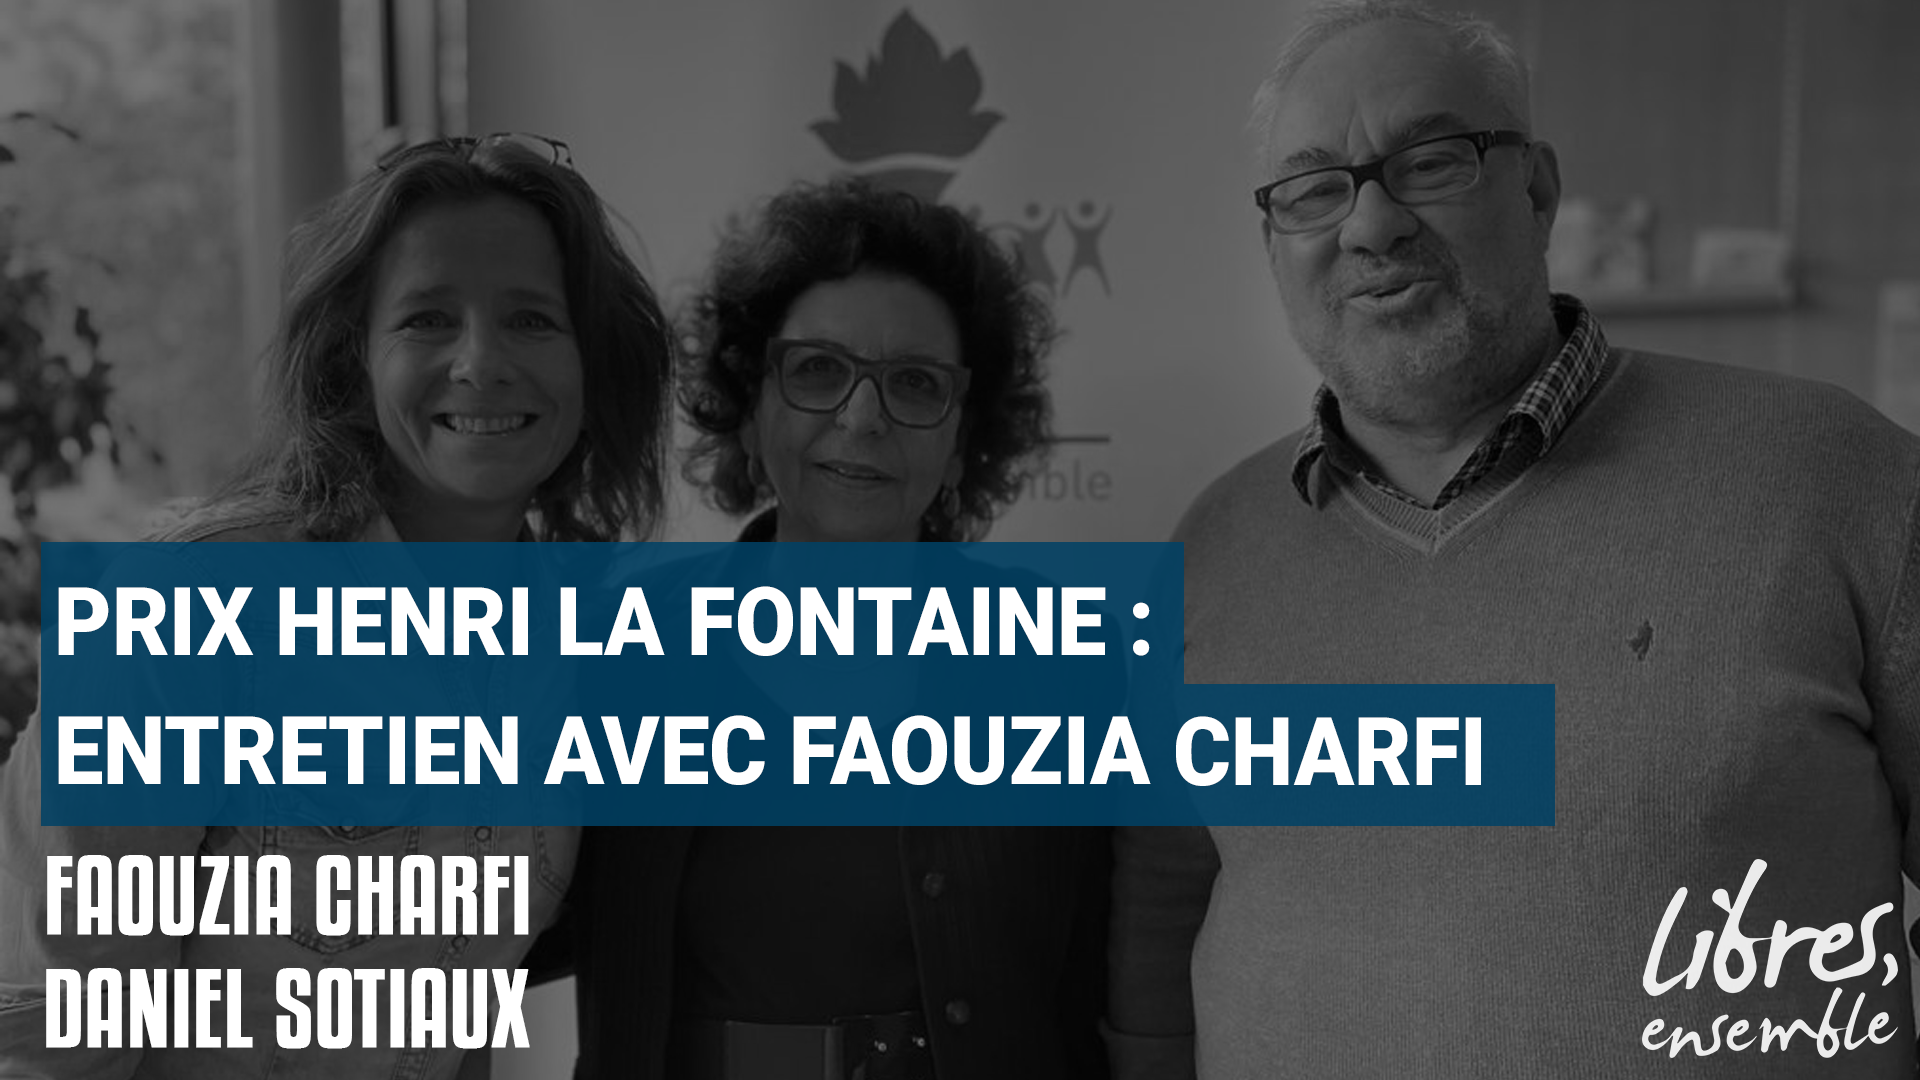 Entretien avec Faouzia Charfi – 5ème Edition du Prix Henri La Fontaine